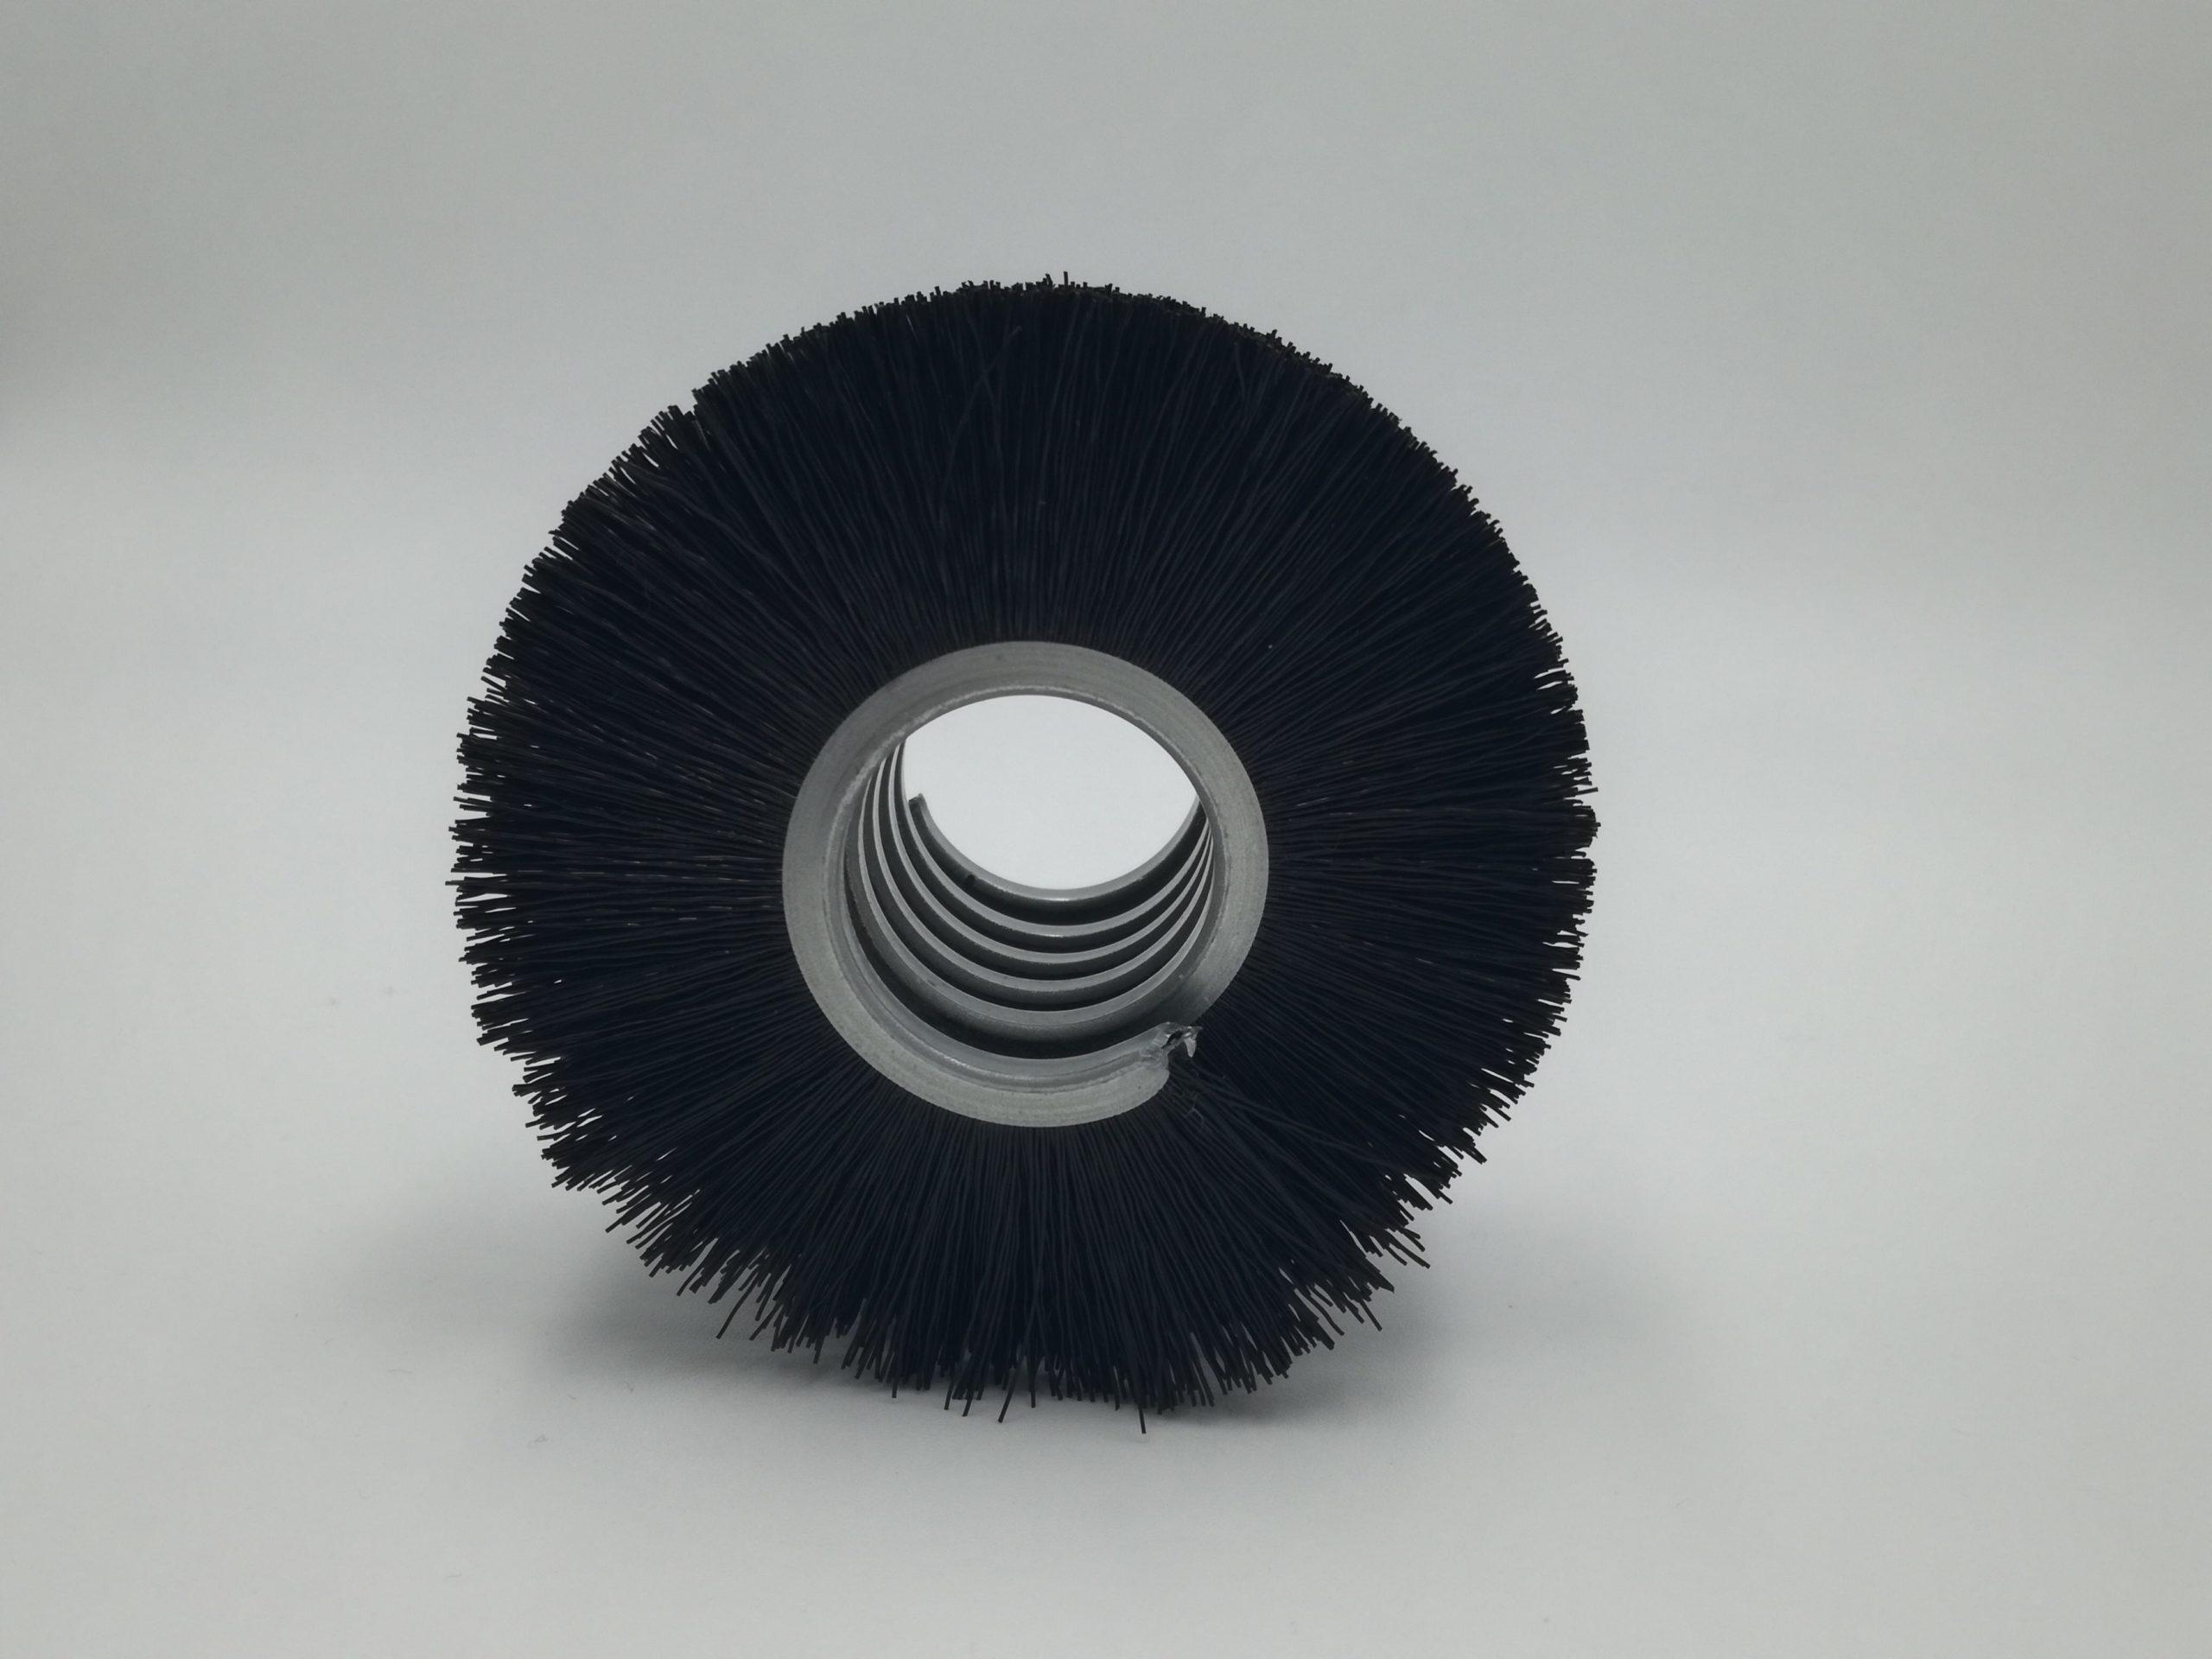 cepillo strip en espiral metálica fibra sintética